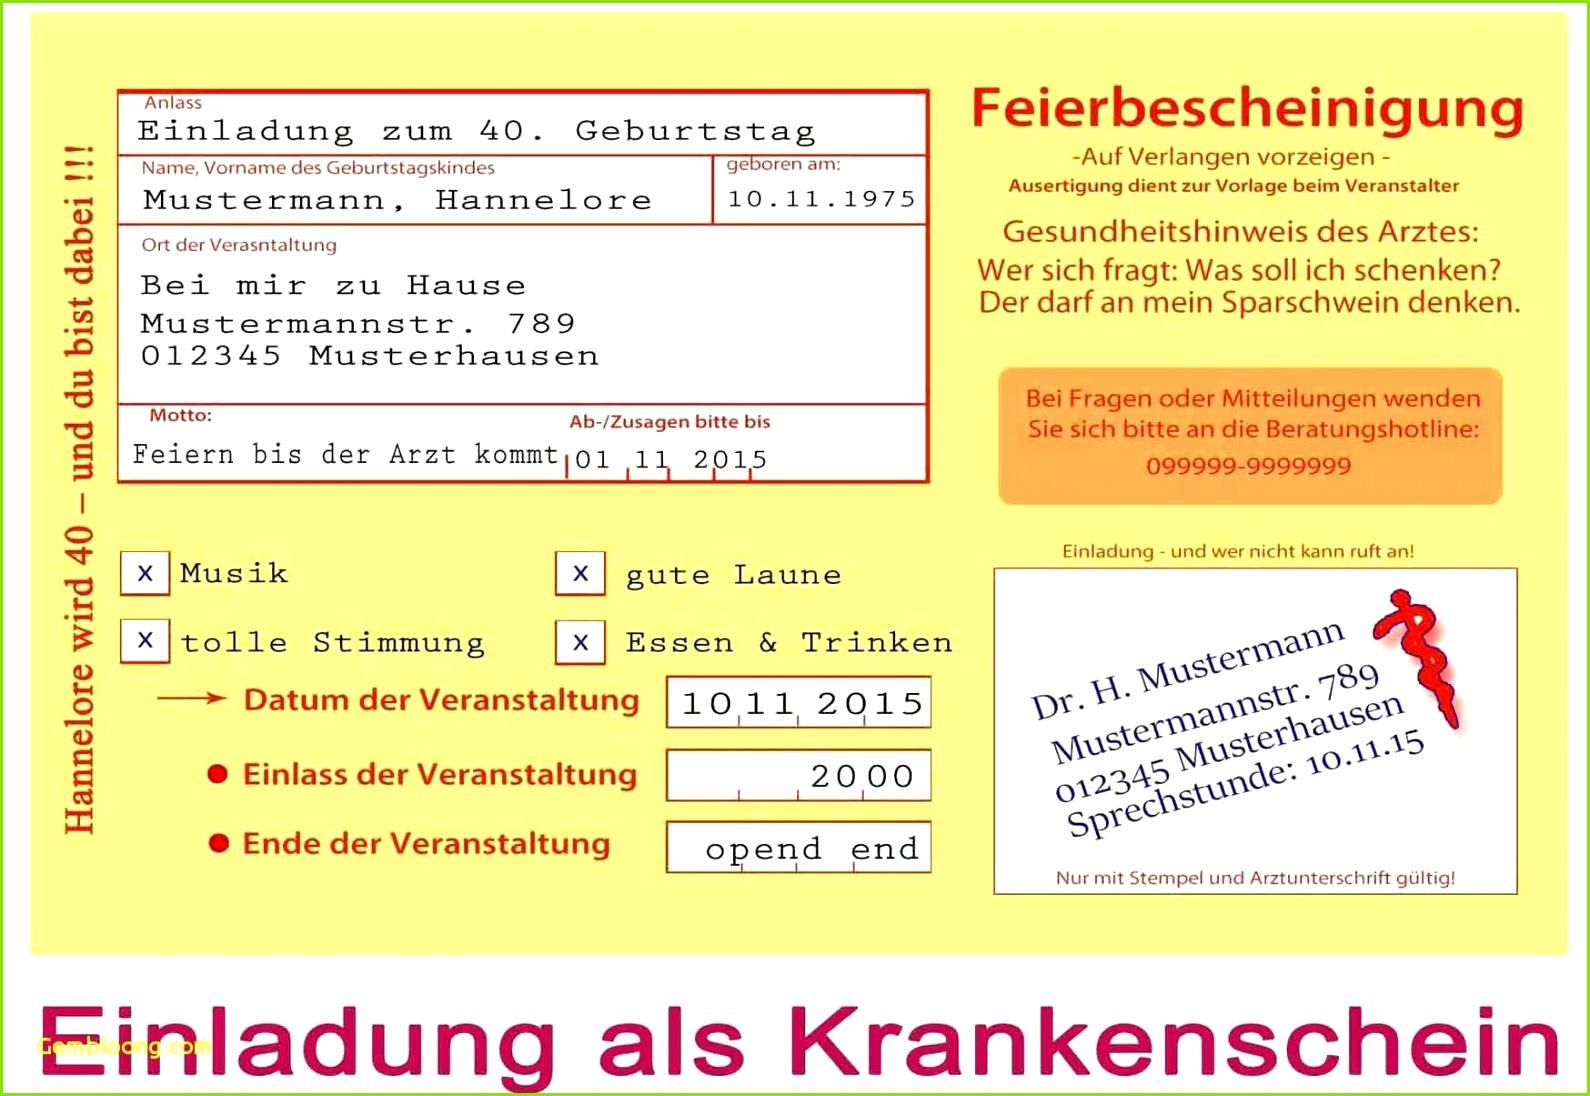 Kerzen Gestalten Vorlagen Die Besten Vorlage Karte Schön Einladungskarten Vorlagen Geburtstag Vorlagen 25 Die Besten